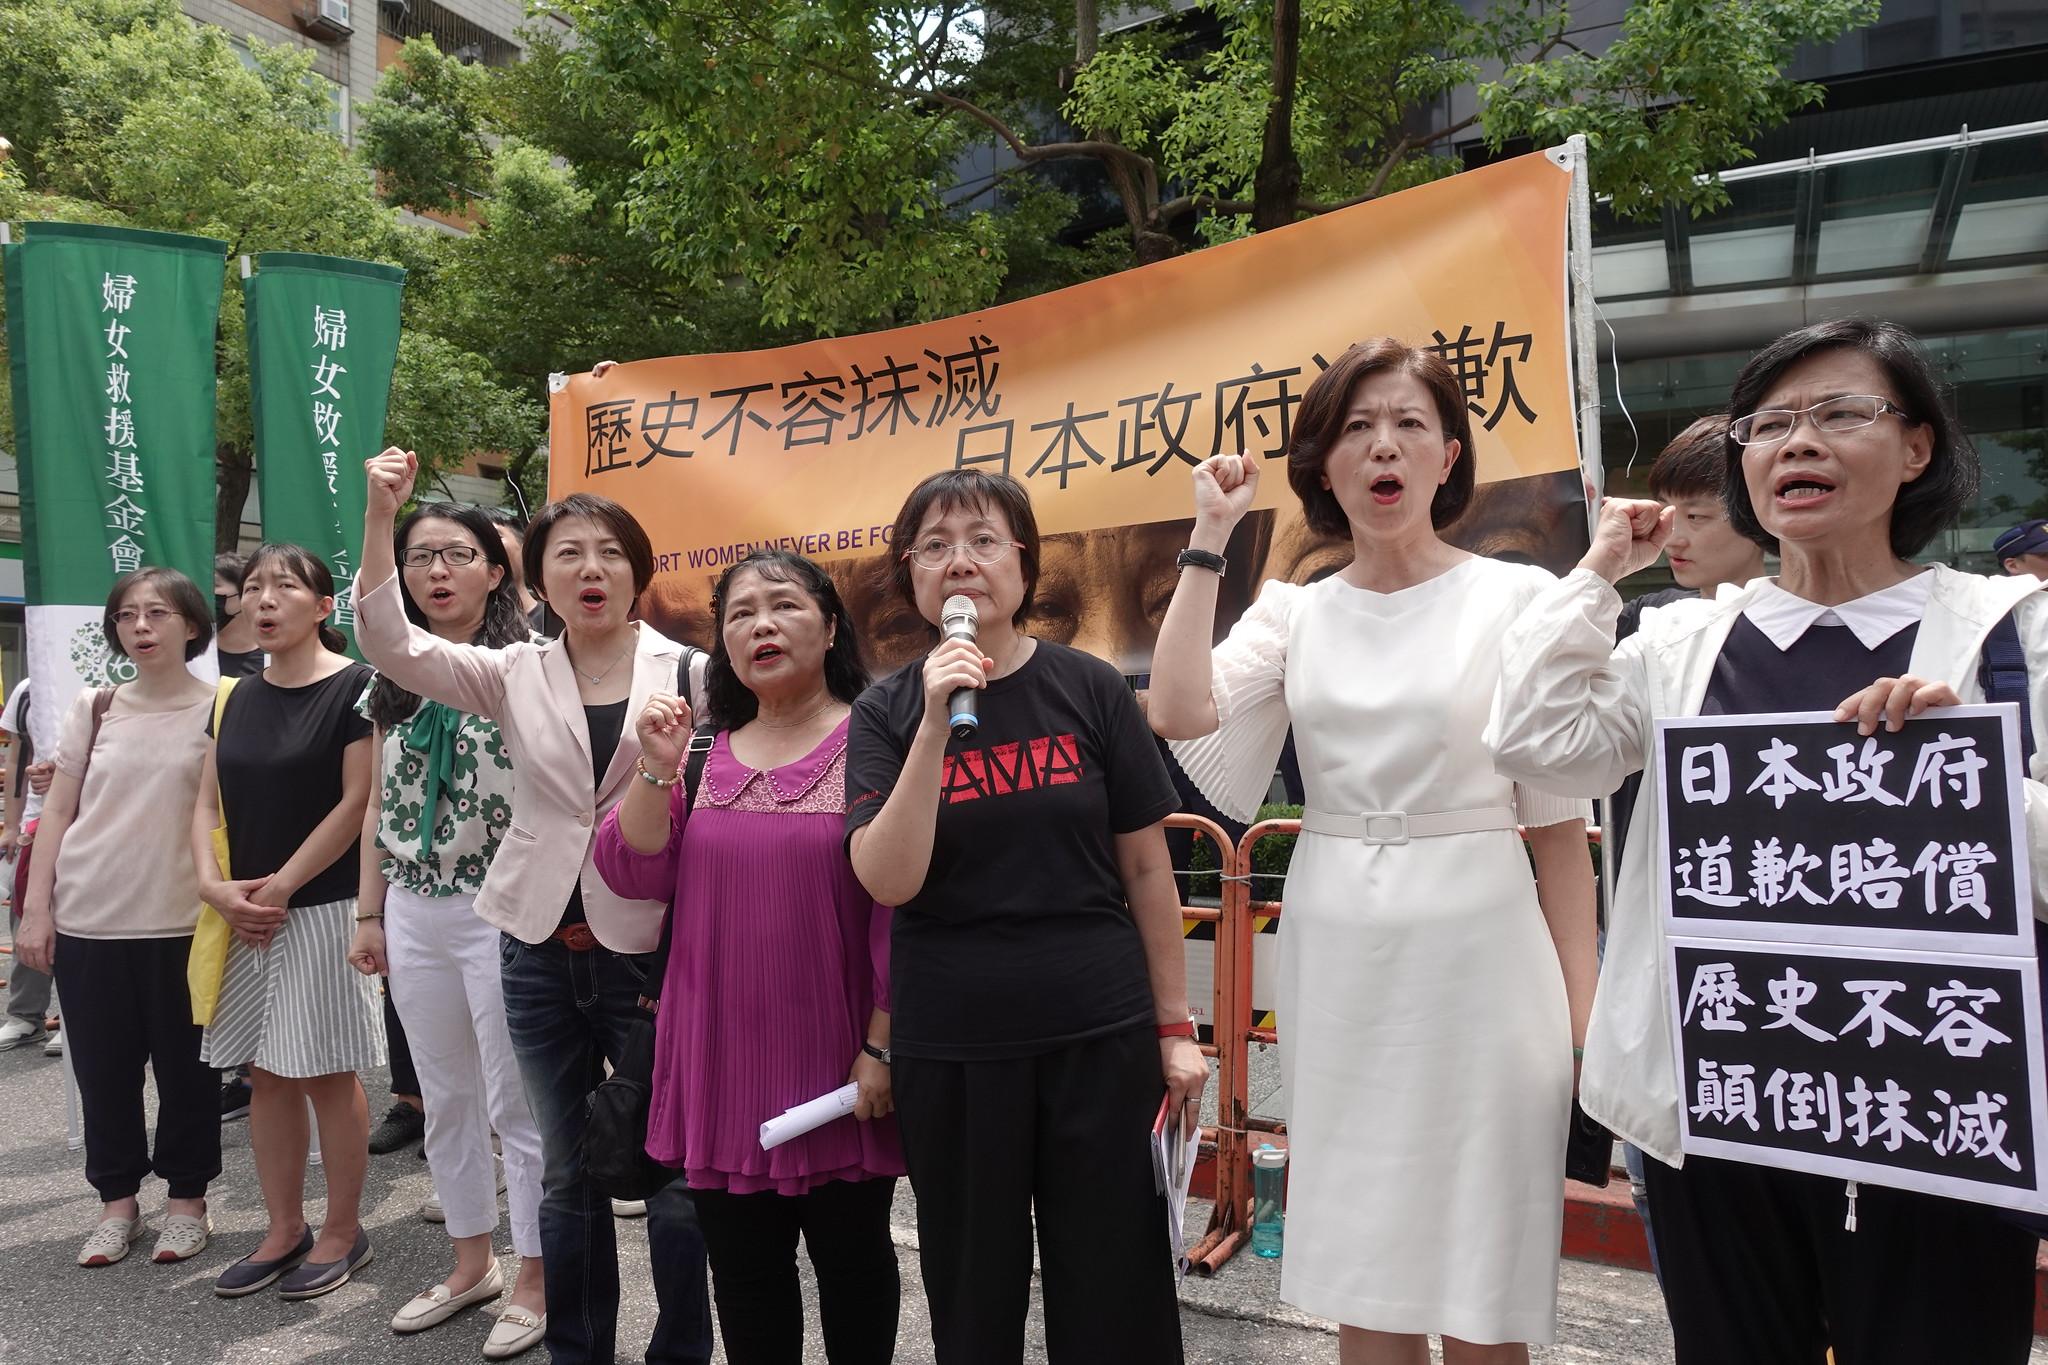 跨藍綠黨派立委都出席聲援慰安婦議題。(攝影:張智琦)